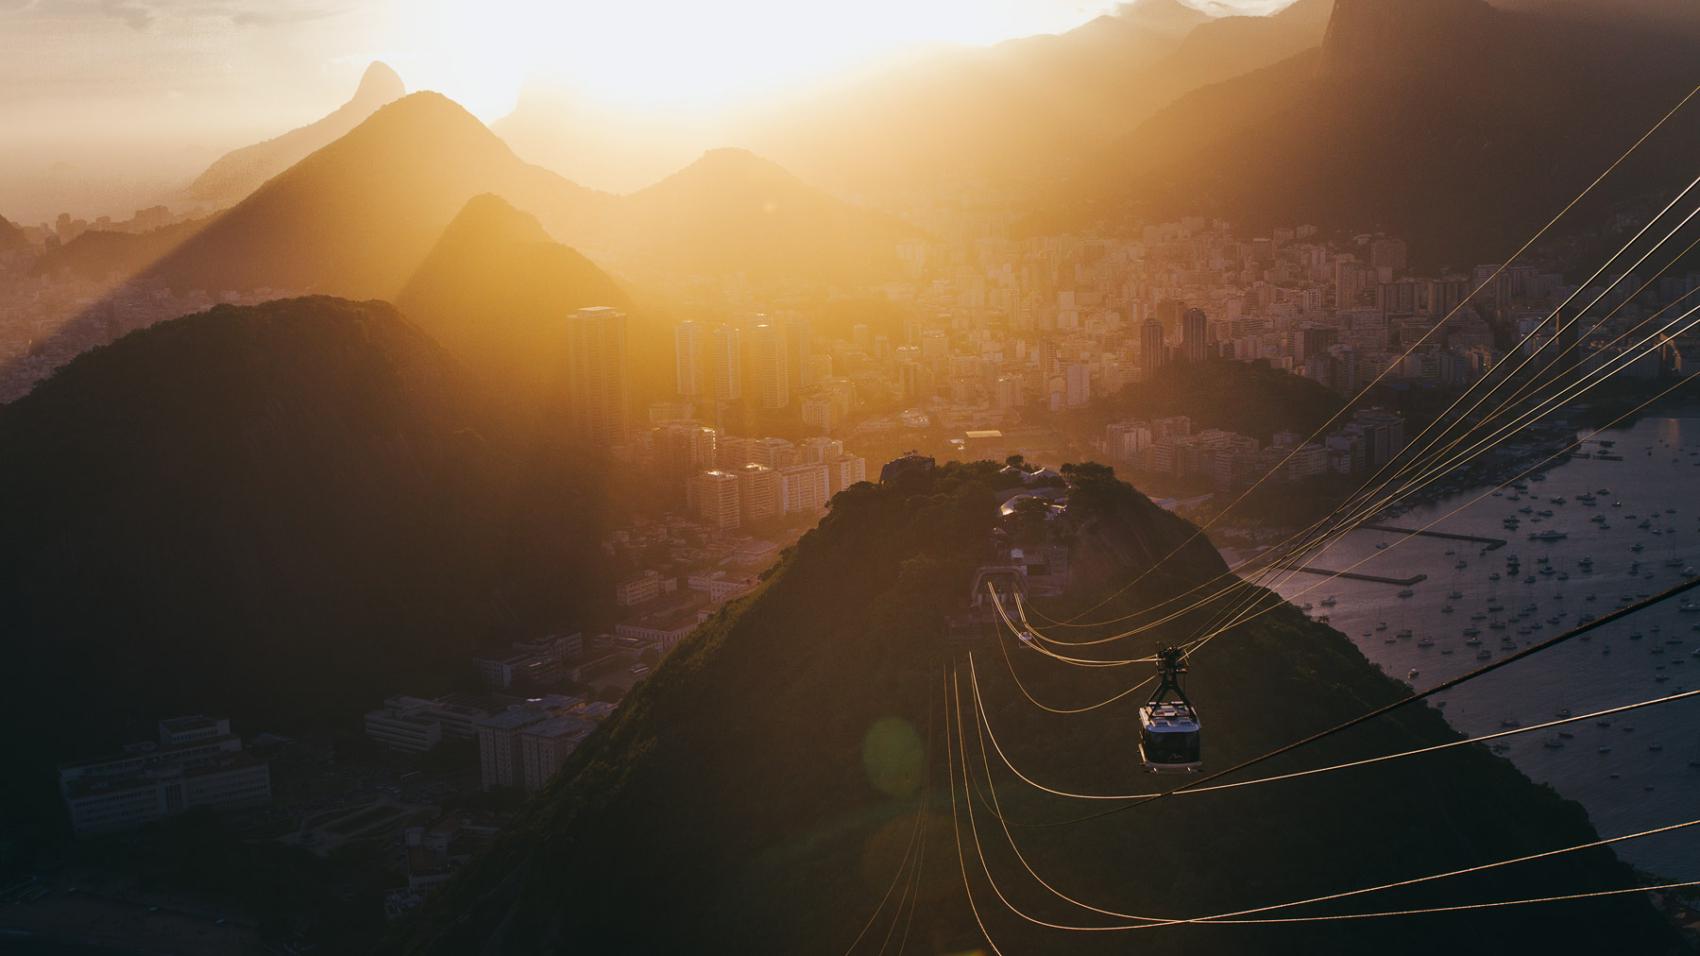 kay-fochtmann-brasilien-rio-de-janeiro-zuckerhut-sonnenuntergang-travel